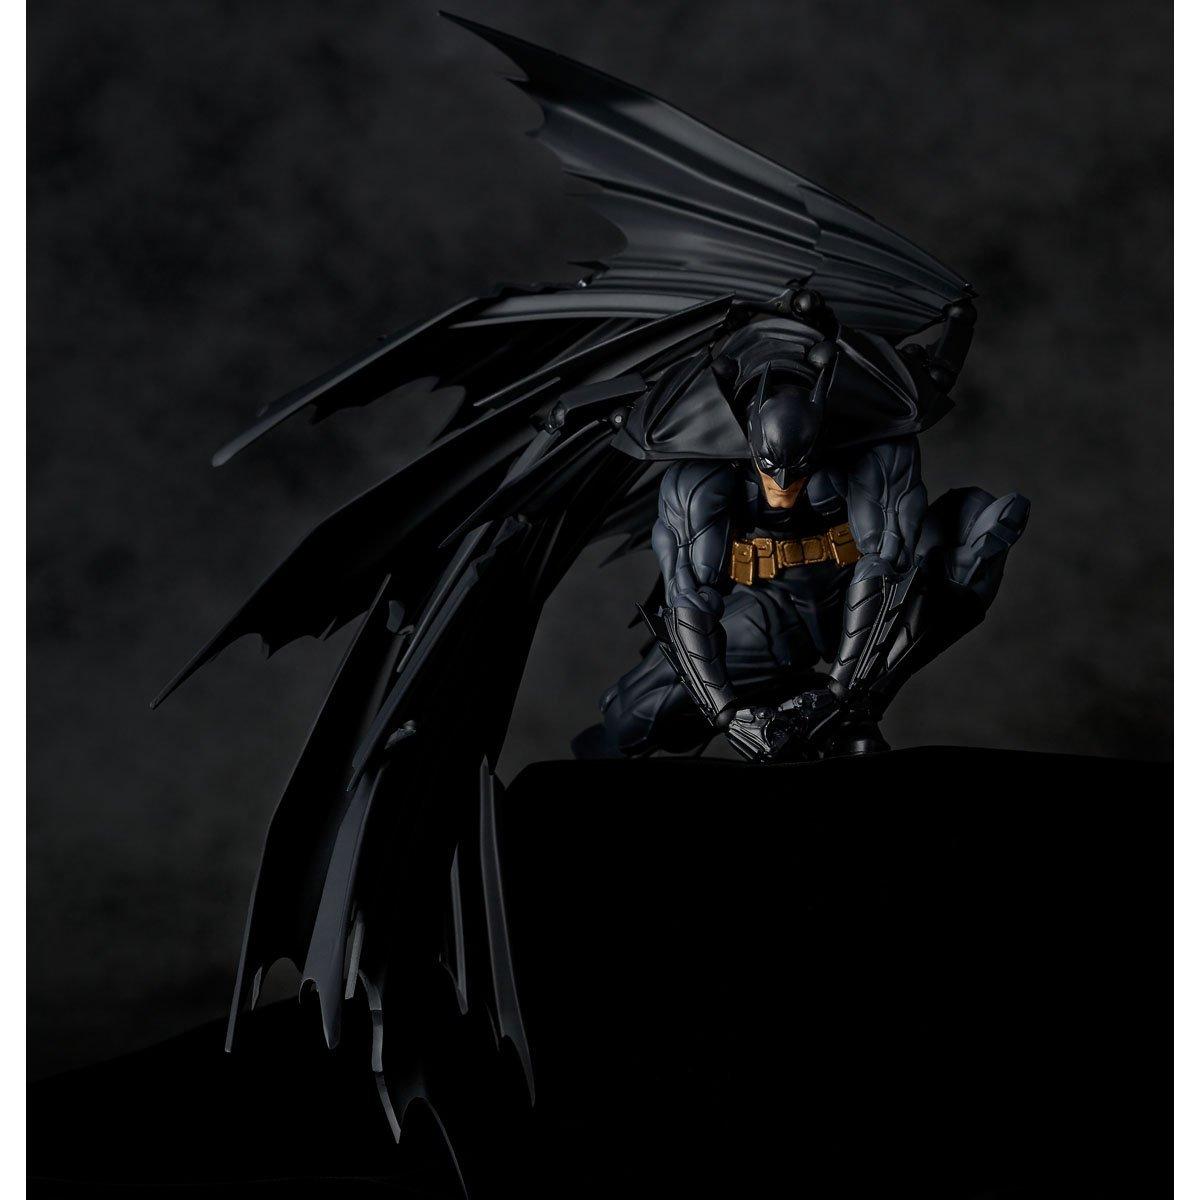 画像1: 様々なポージングに対応できるアメイジング・ヤマグチに DCヒーロー「バットマン」が初参戦!